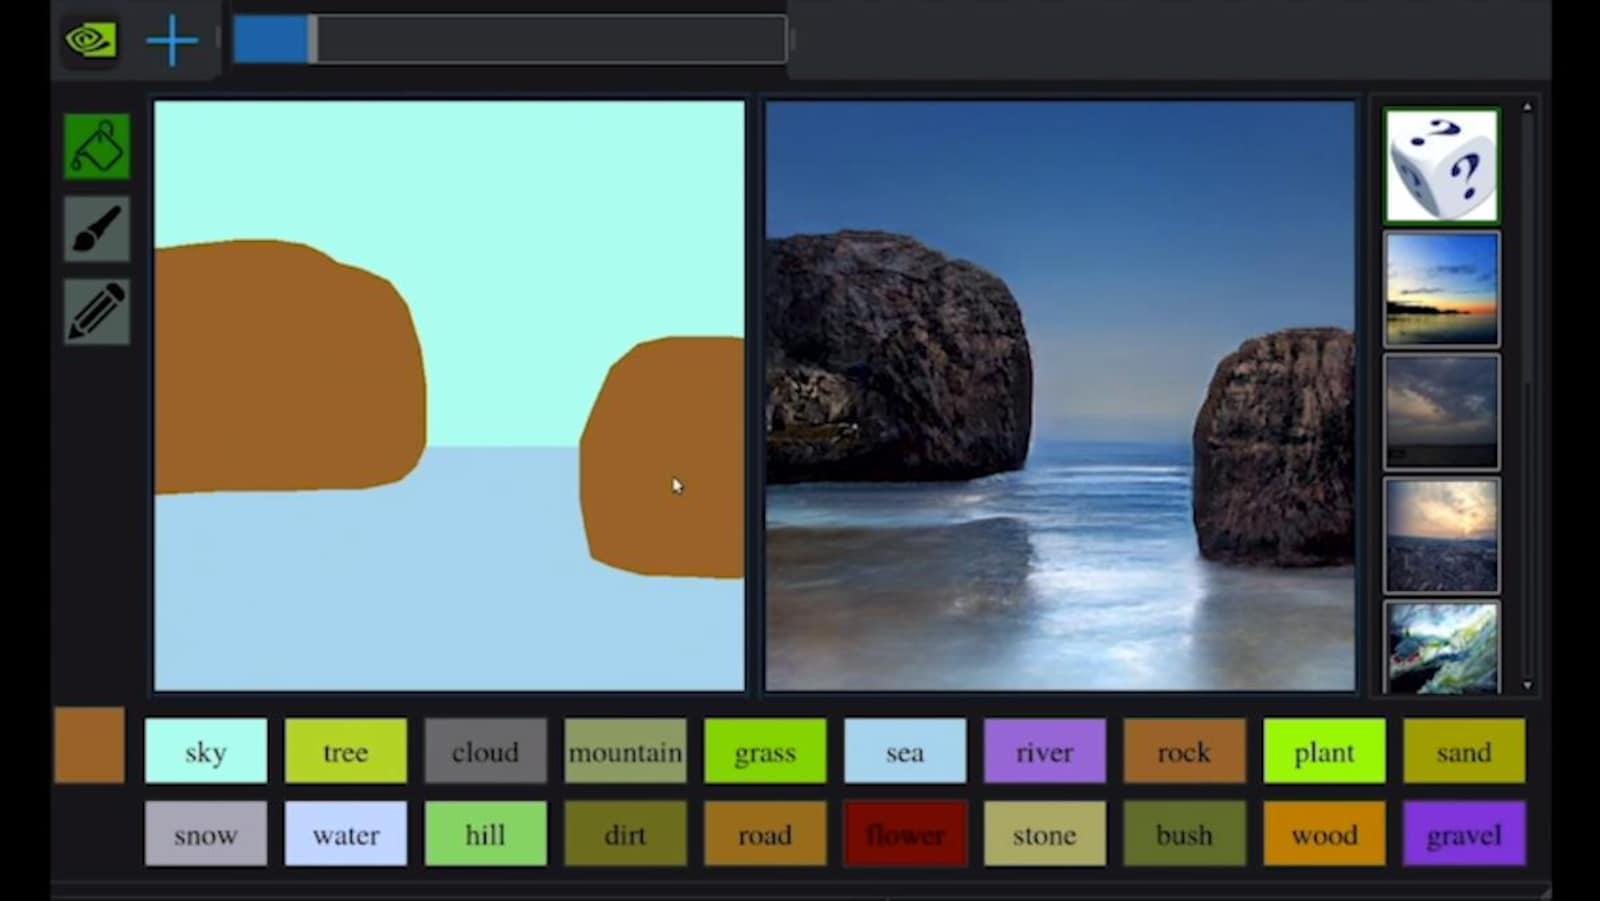 Une capture d'écran du logiciel conçu par Nvidia dans lequel un croquis simpliste est affiché à gauche et un décor réaliste de deux rochers dans la mer est affiché à droite.